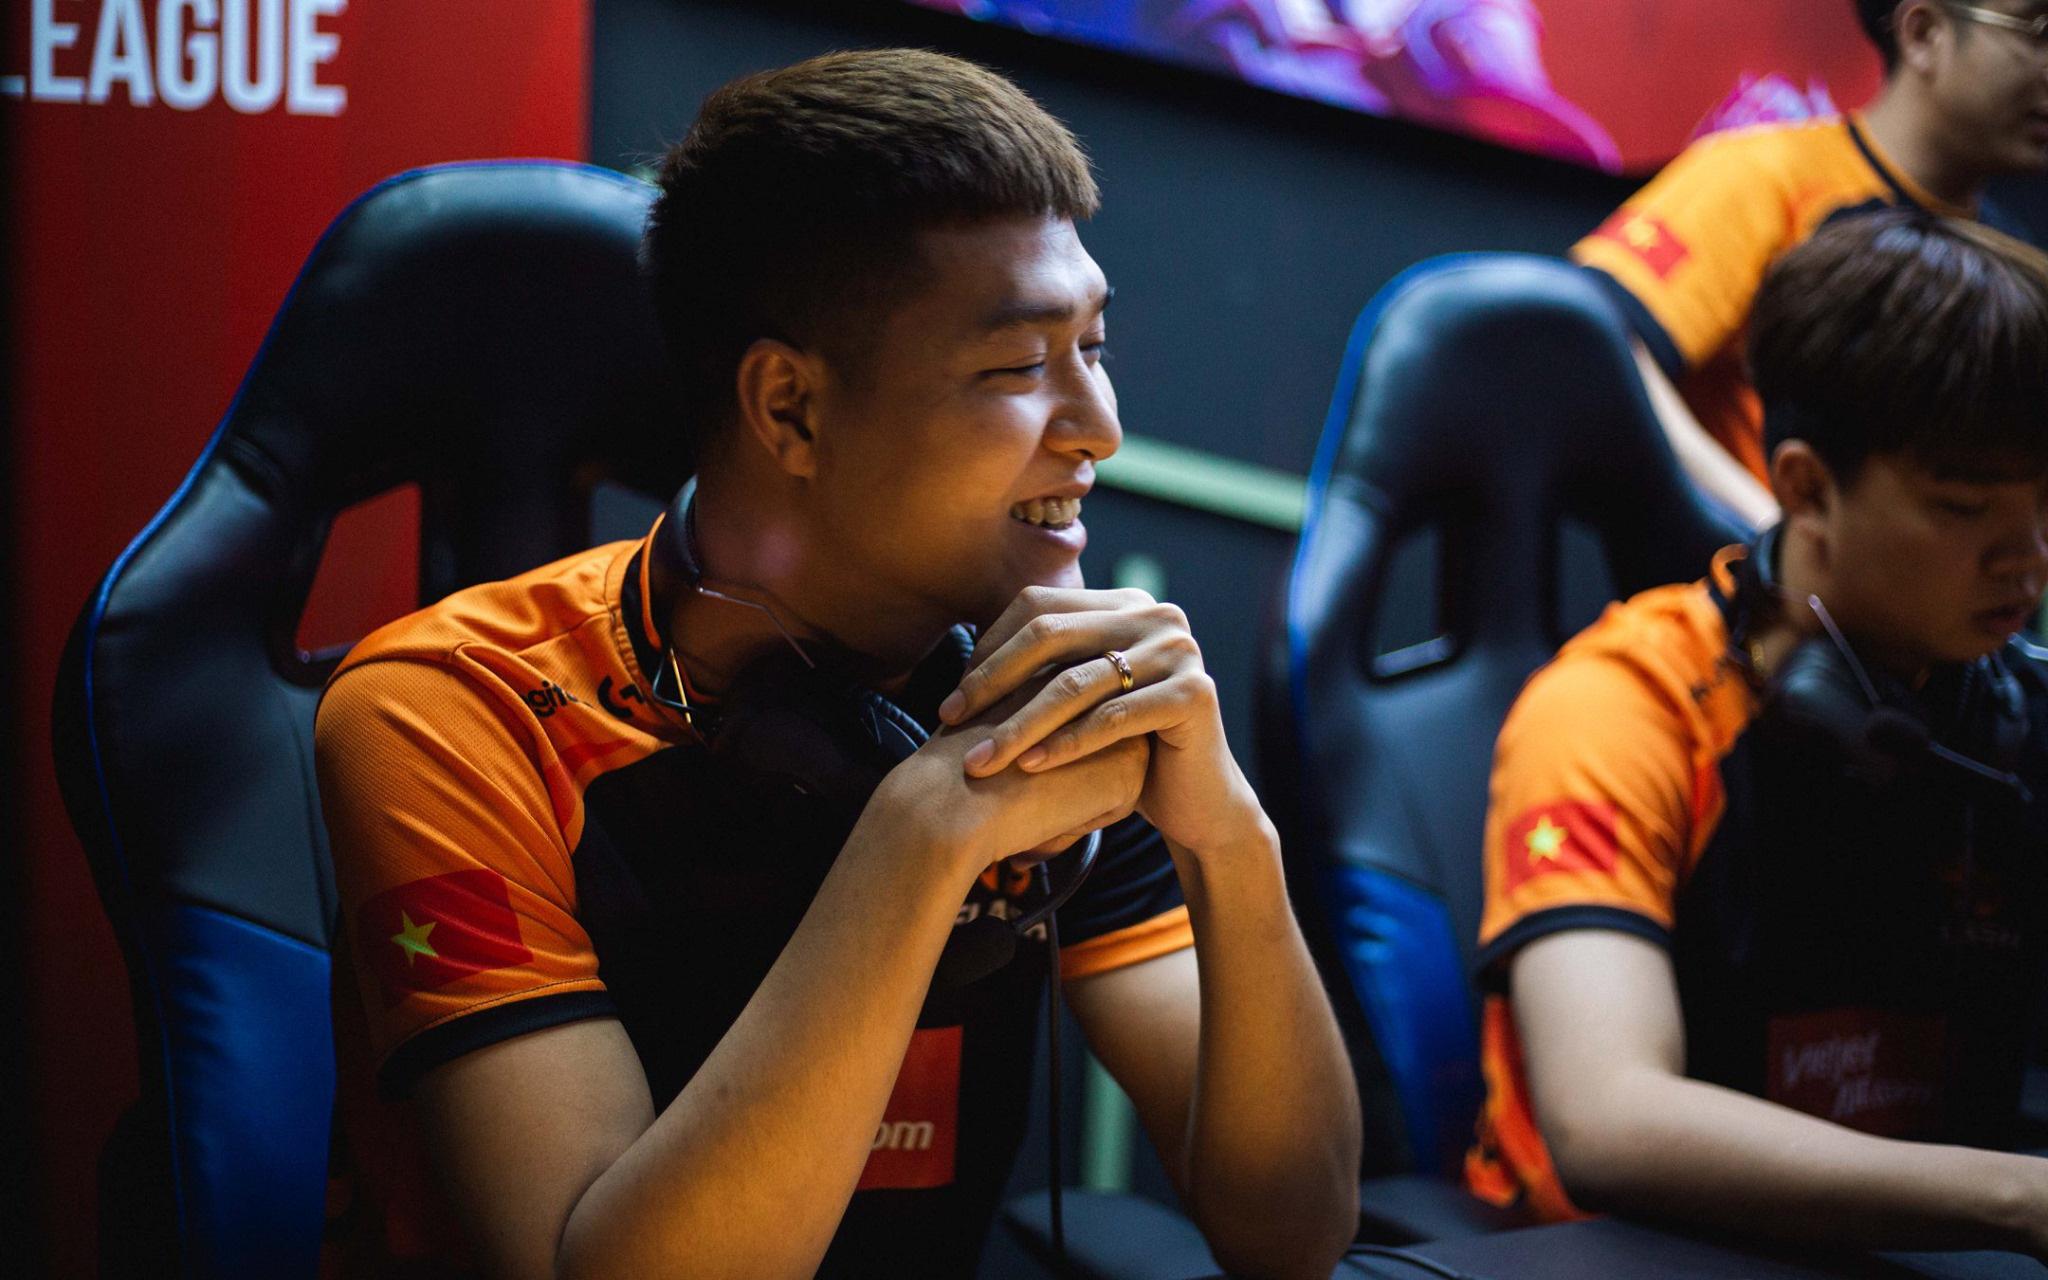 Những sự kiện Esports hot nhất tuần 3 tháng 7: Team Flash Liên Quân chạm trán đối thủ đầy duyên nợ, chờ đợi Saigon Phantom làm nên bất ngờ trước ''ông kẹ'' Thái Lan